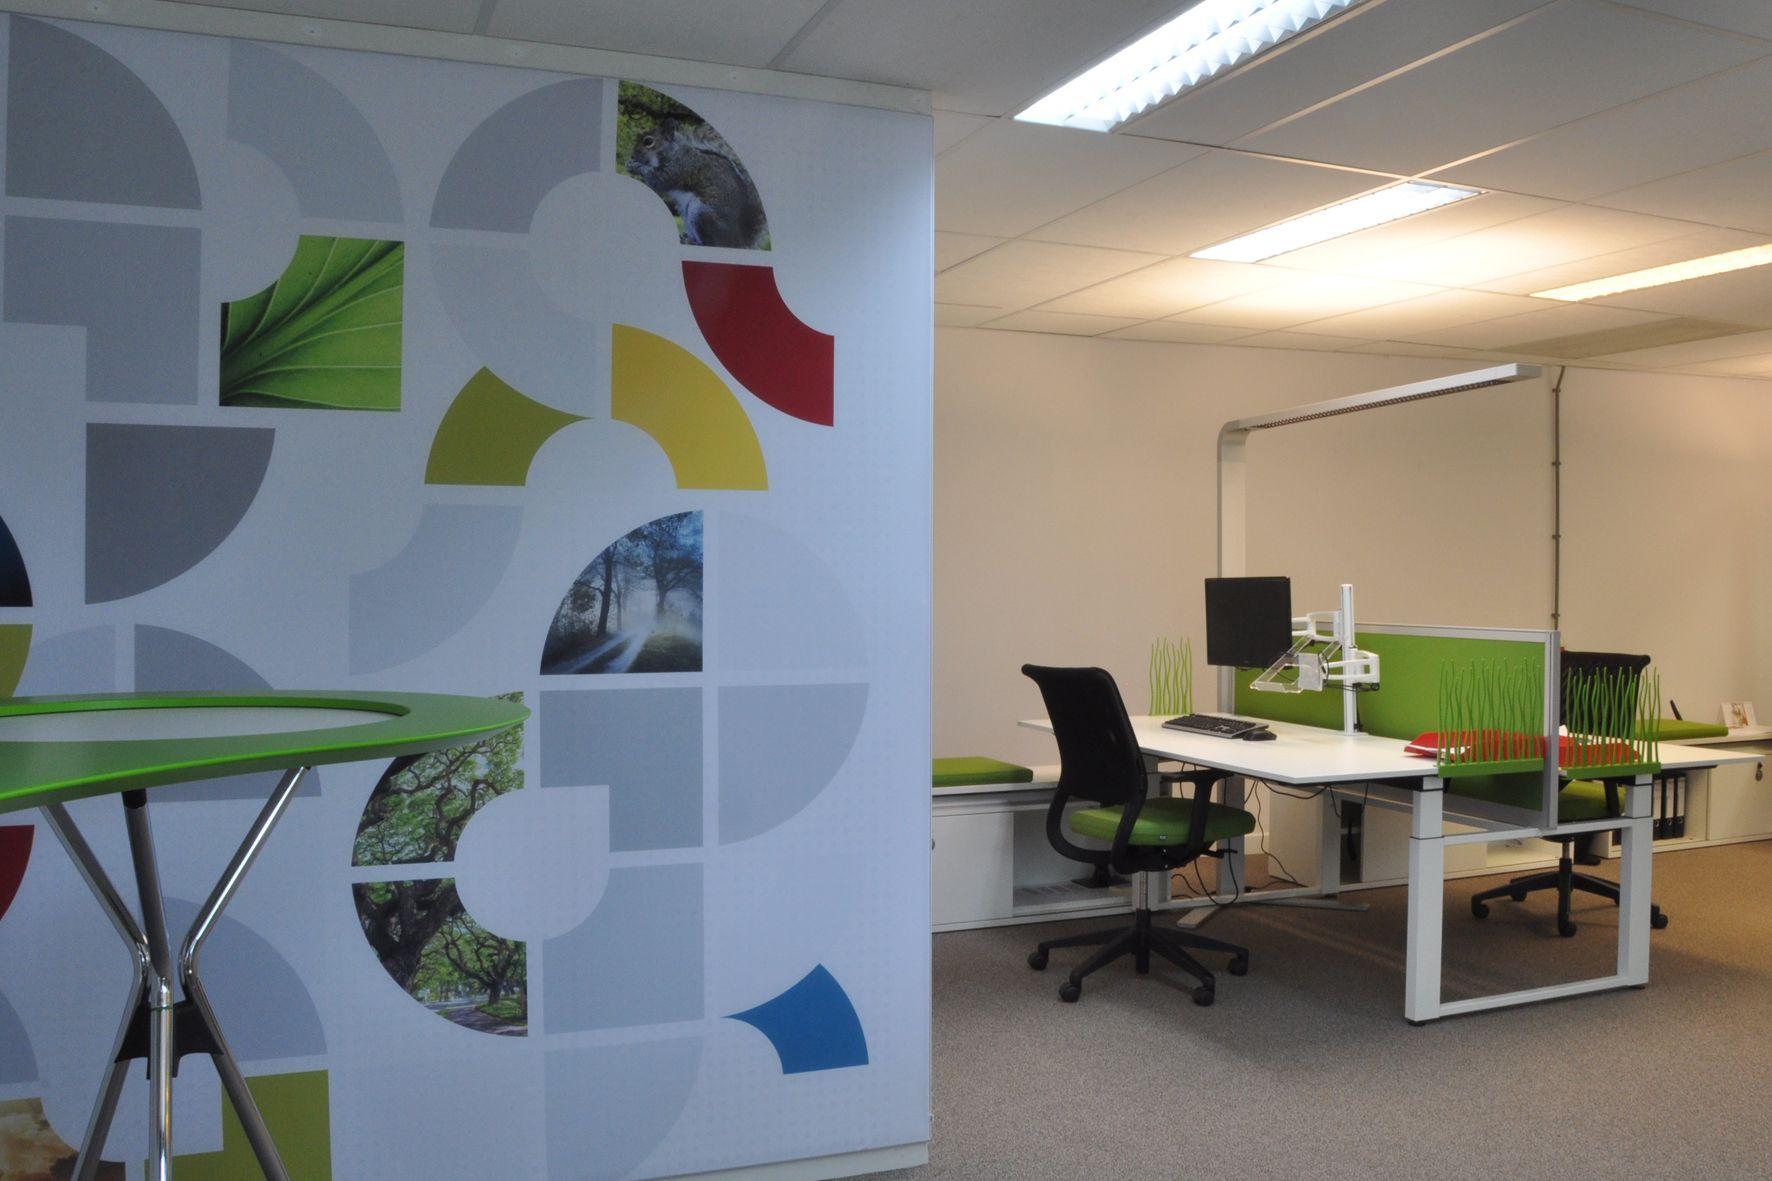 Het totaal concept is erg gelinkt aan de uitstraling van Sepa Green, de kleuren komen zelfs terug in de inrichting. De ruimte is niet alleen ingericht met werkplekken, ook zijn er keuzes gemaakt die meer gericht zijn op het soort activiteit. Sepa Green heeft een prachtige werkplek gekregen, waar groei mogelijk is en het karakter reeds is bepaald. #wand #bureau #Sedus